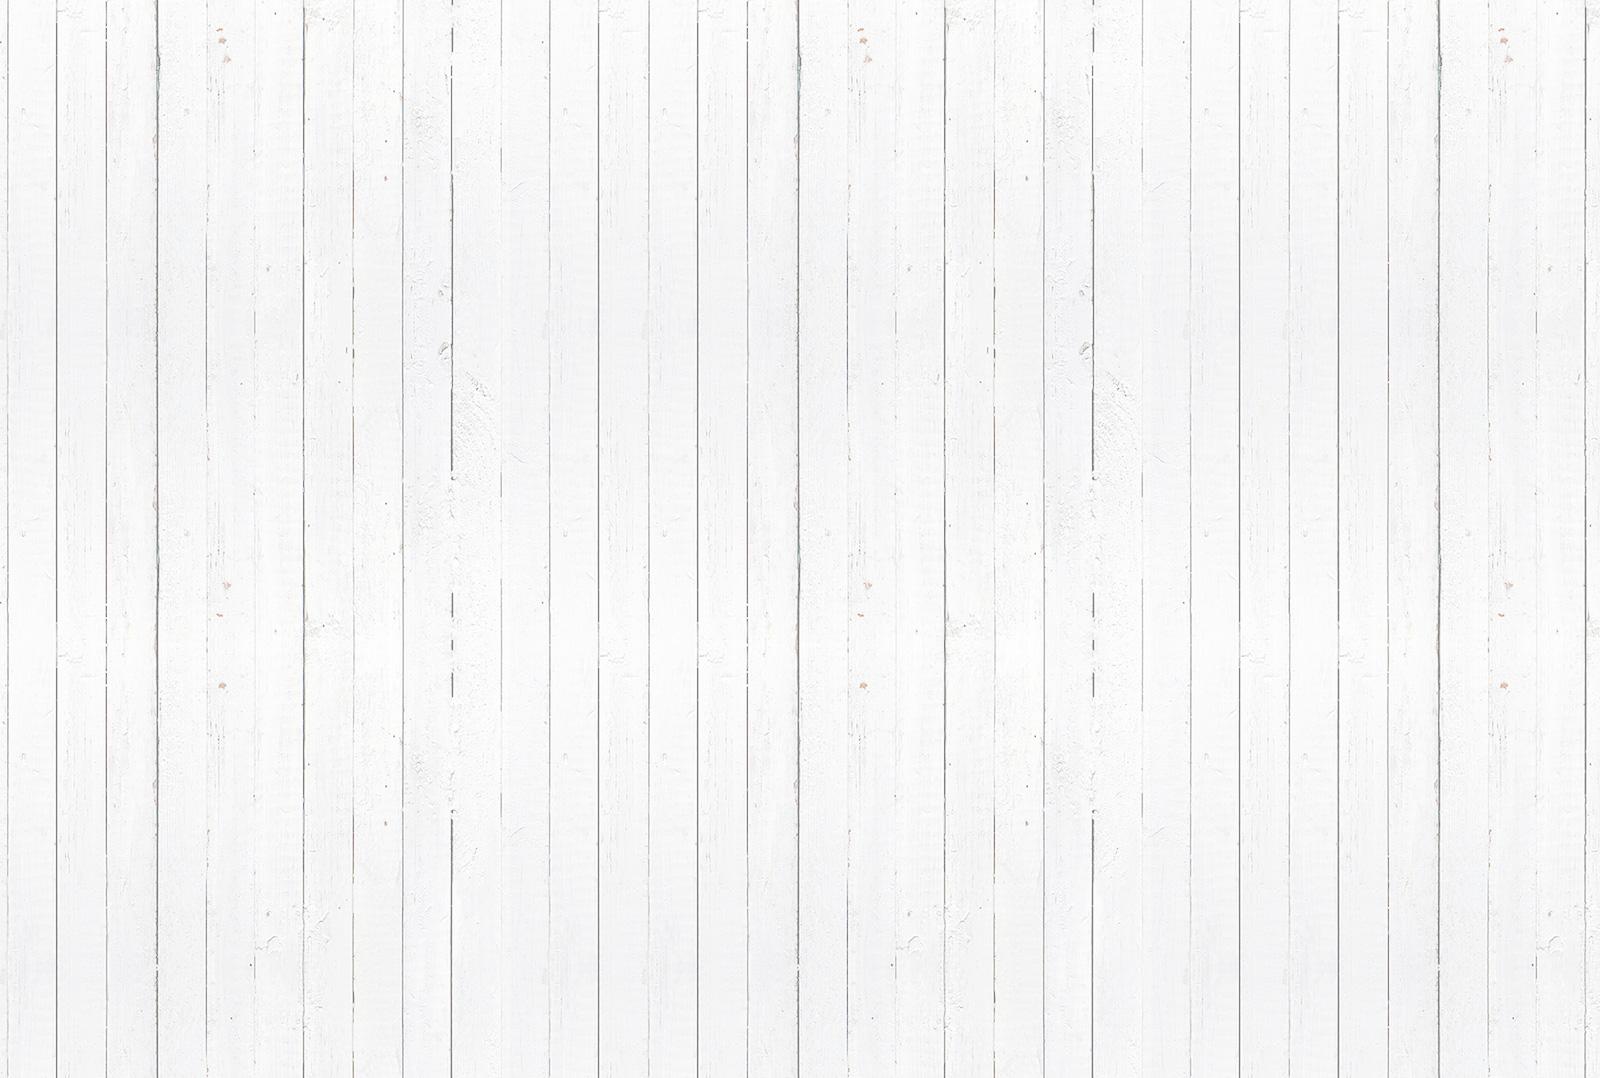 white wood background 50 Dakhla Attitude Hotel 1600x1078